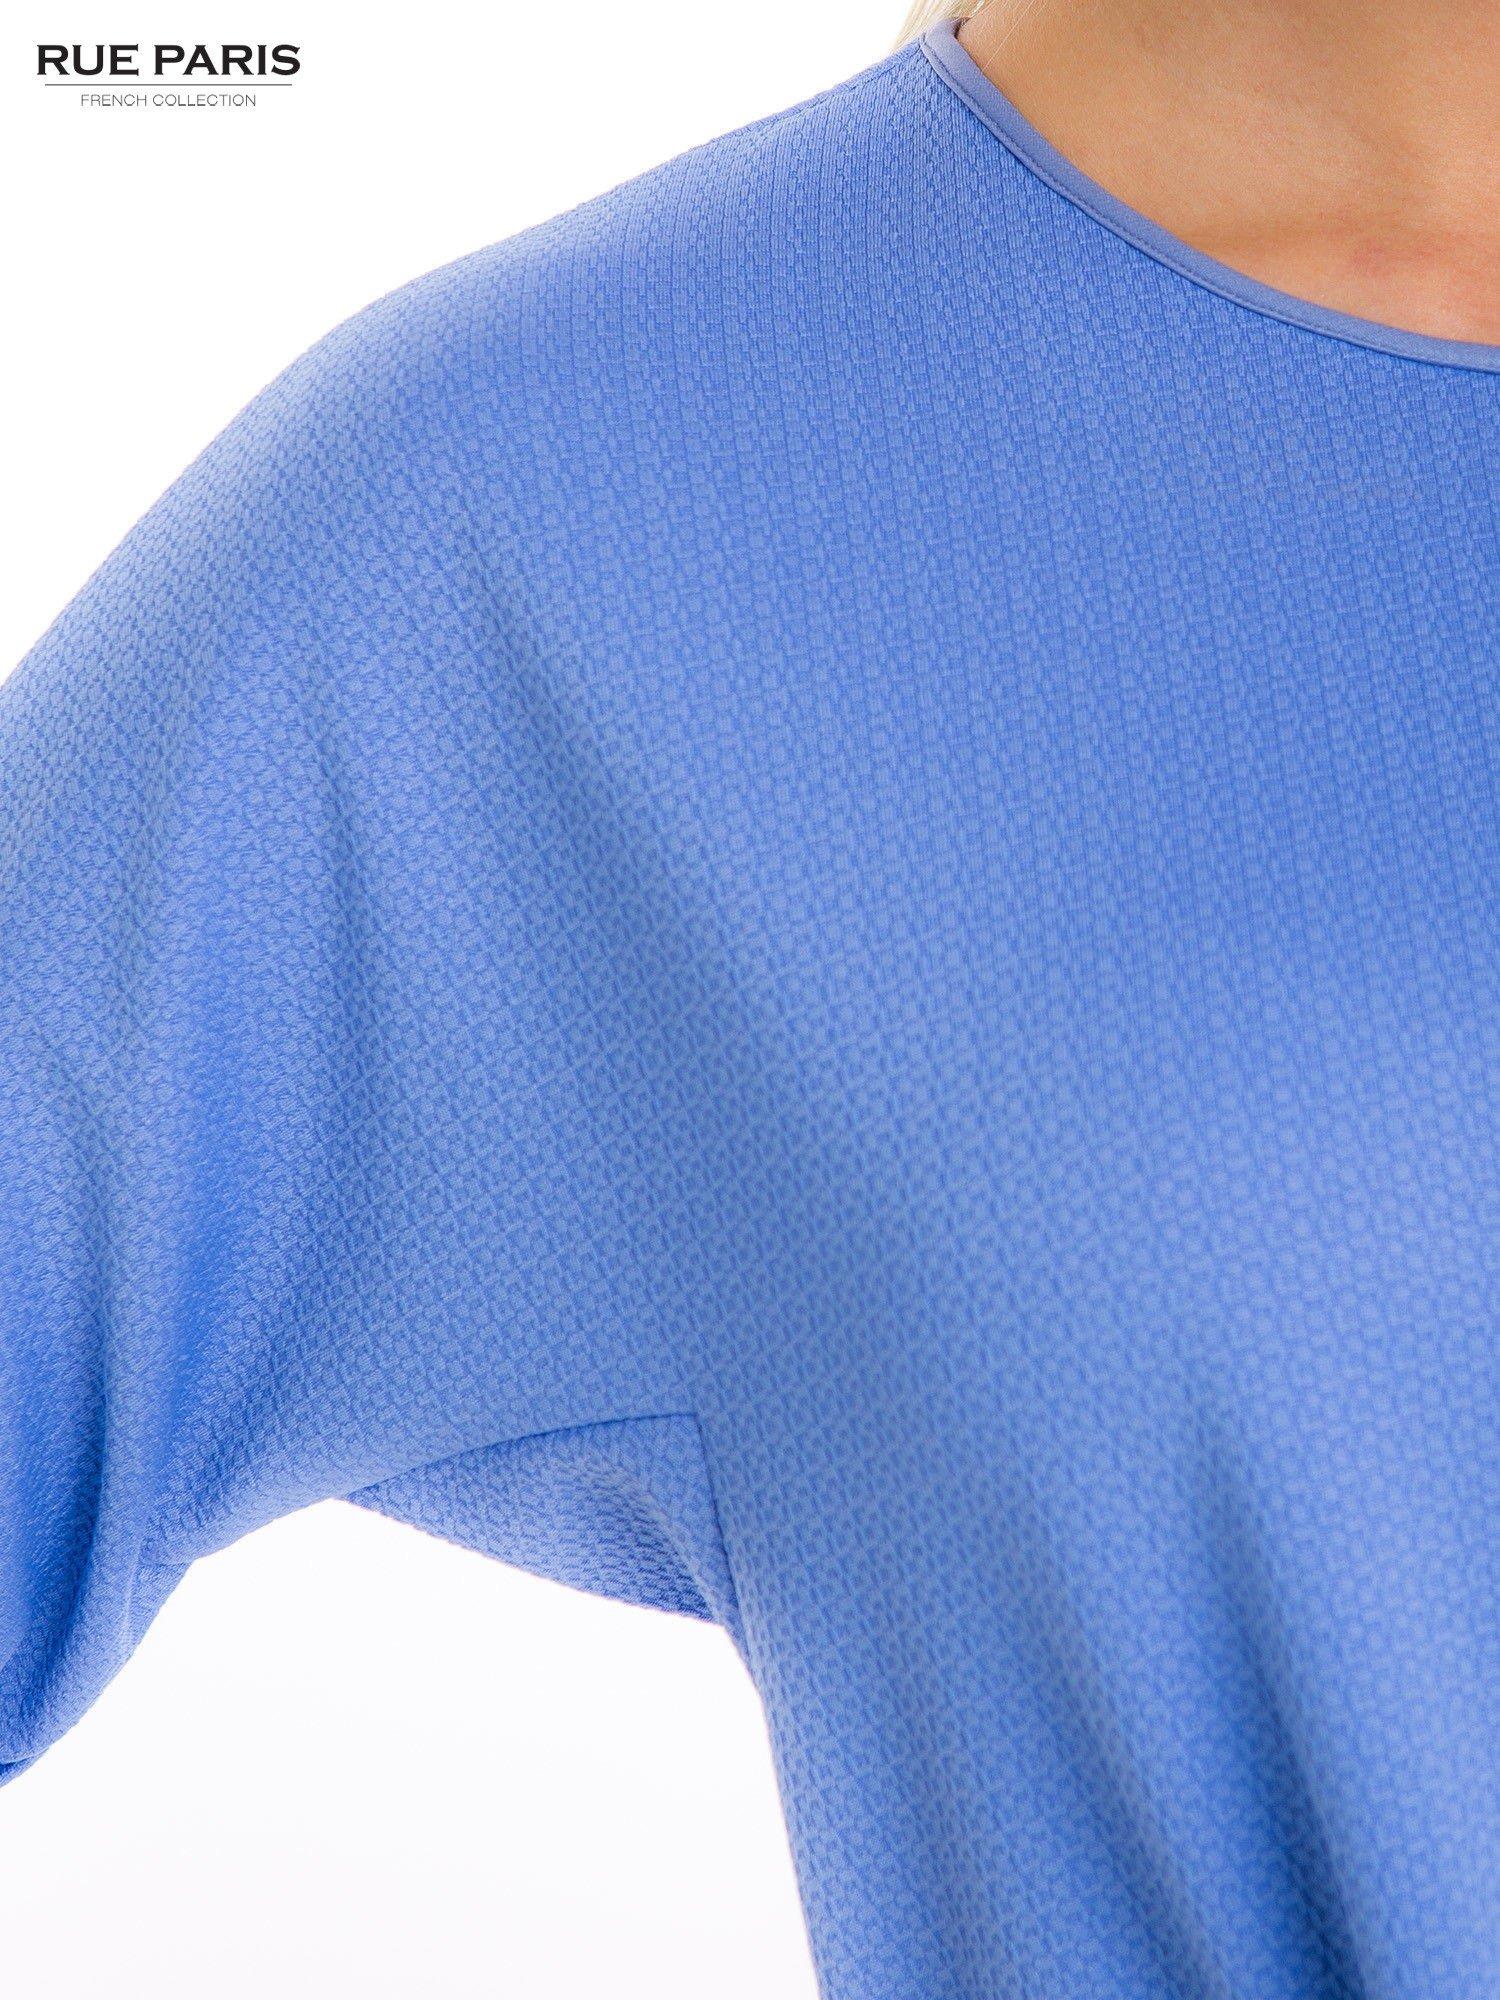 Jasnoniebieska prosta sukienka                                  zdj.                                  8